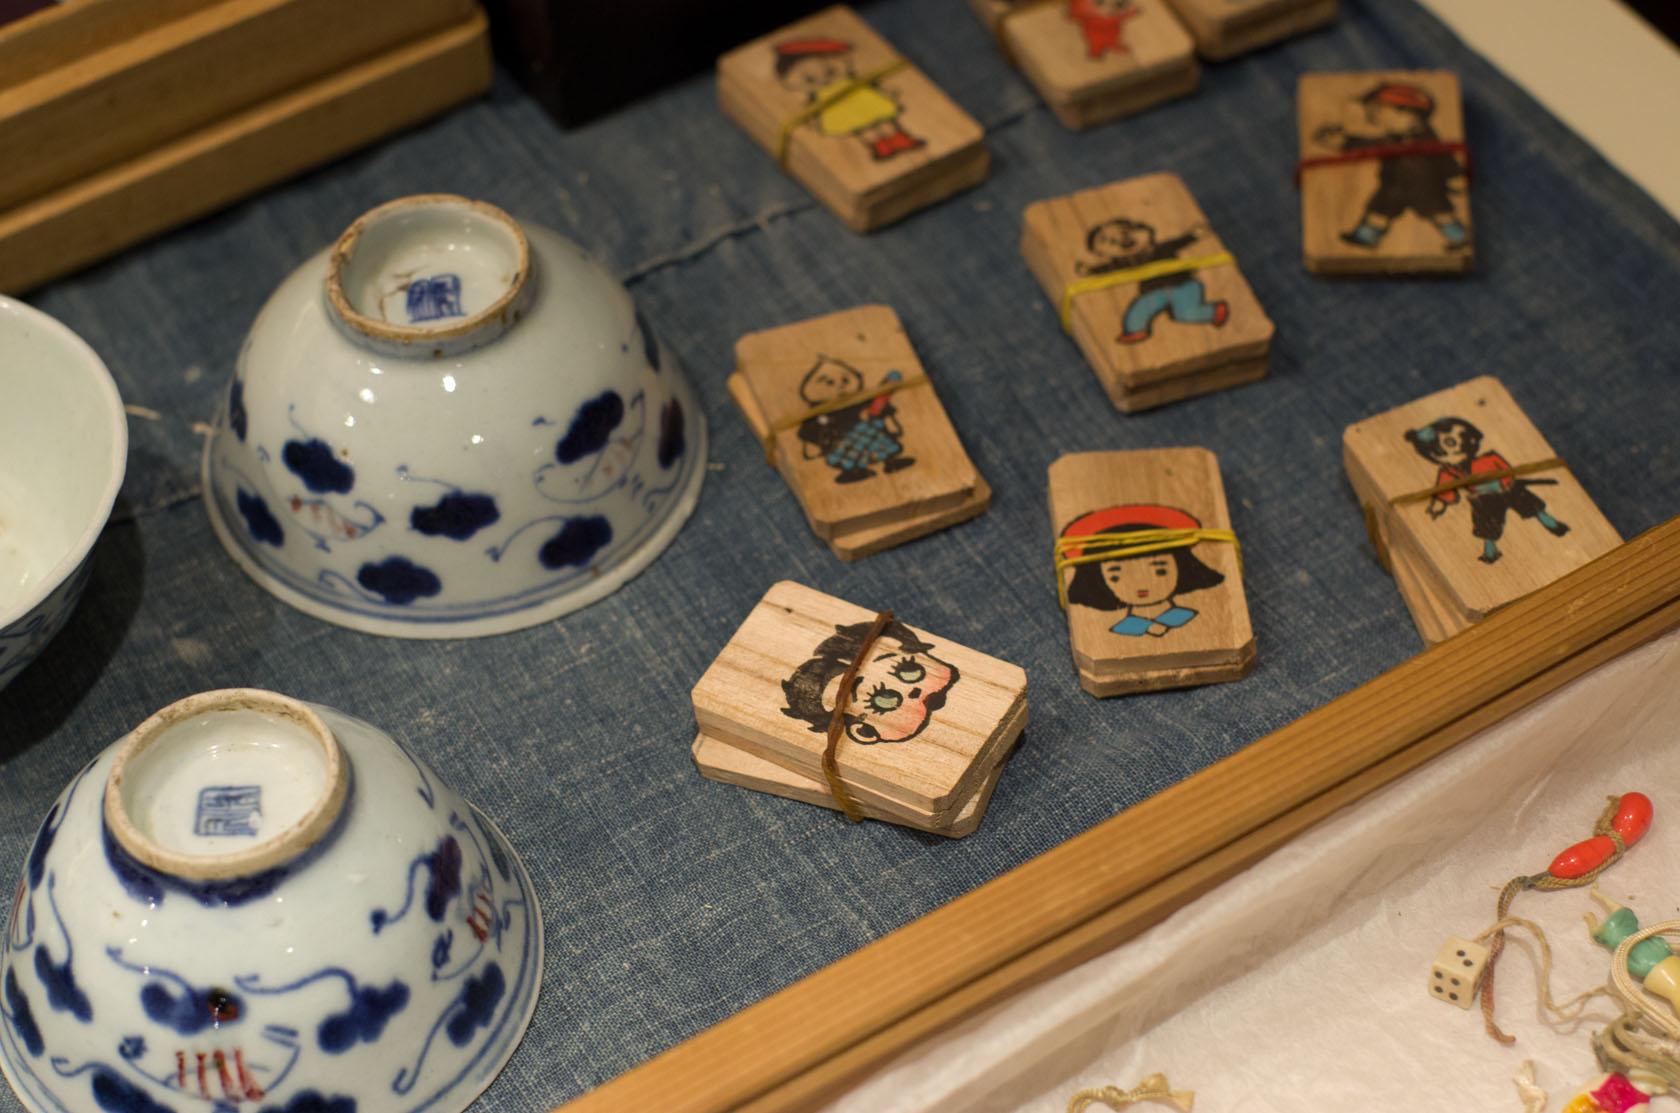 日本の「うつくしい」を追求した白洲夫妻に想いを馳せて―町田『武相荘の骨董市』